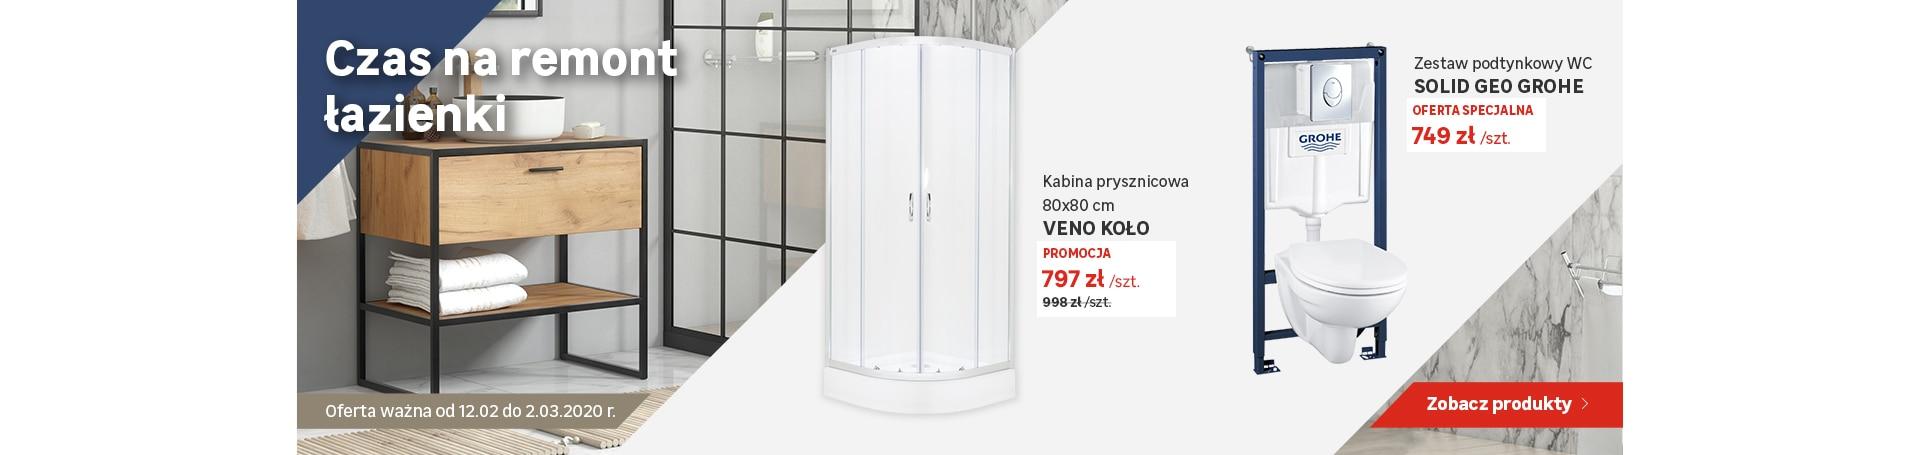 ps-lazienka-12.02-02.03.2020-1920x455